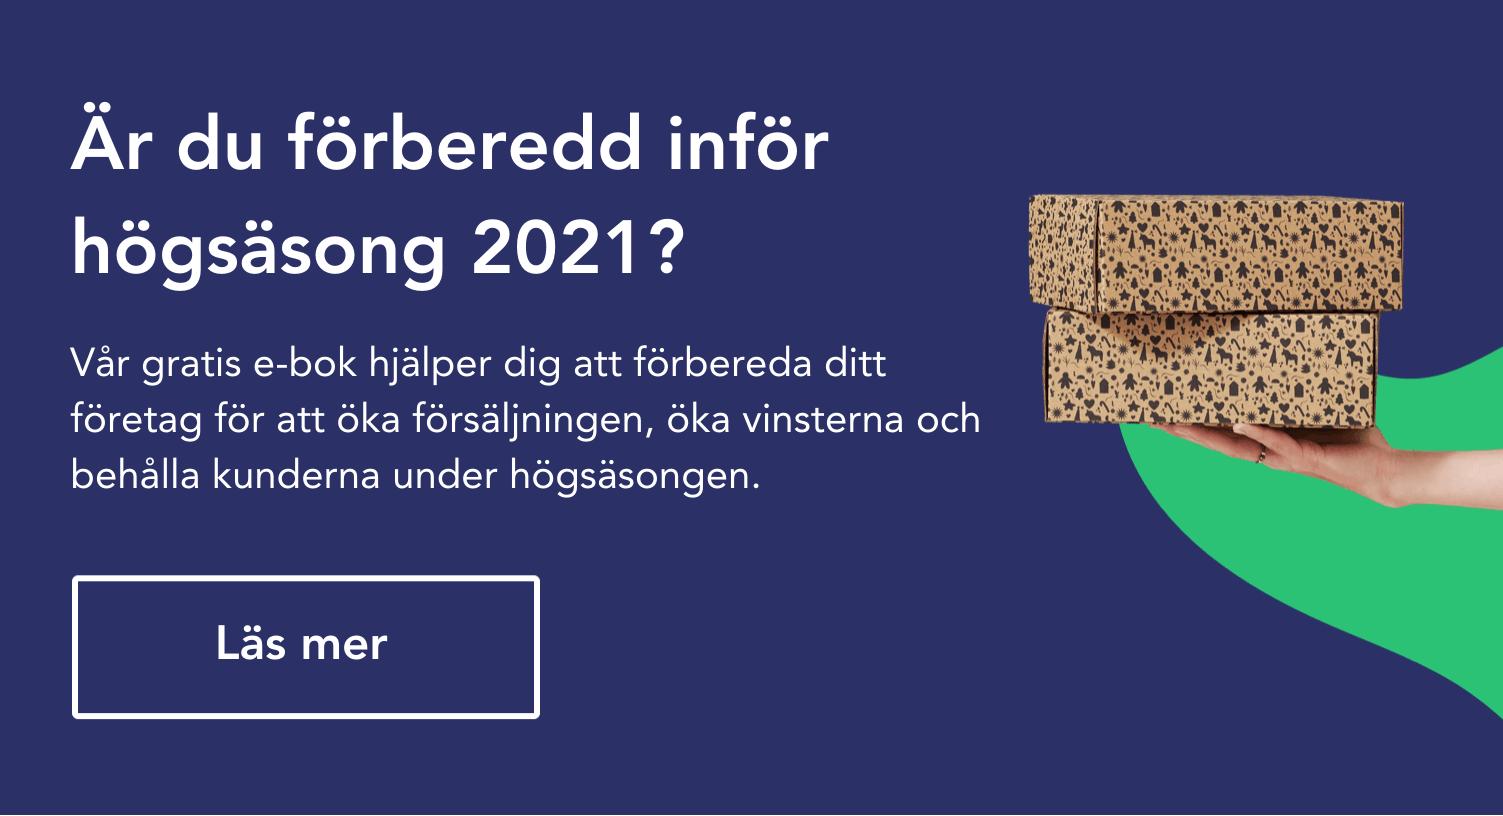 Är du förberedd inför högsäsong 2021